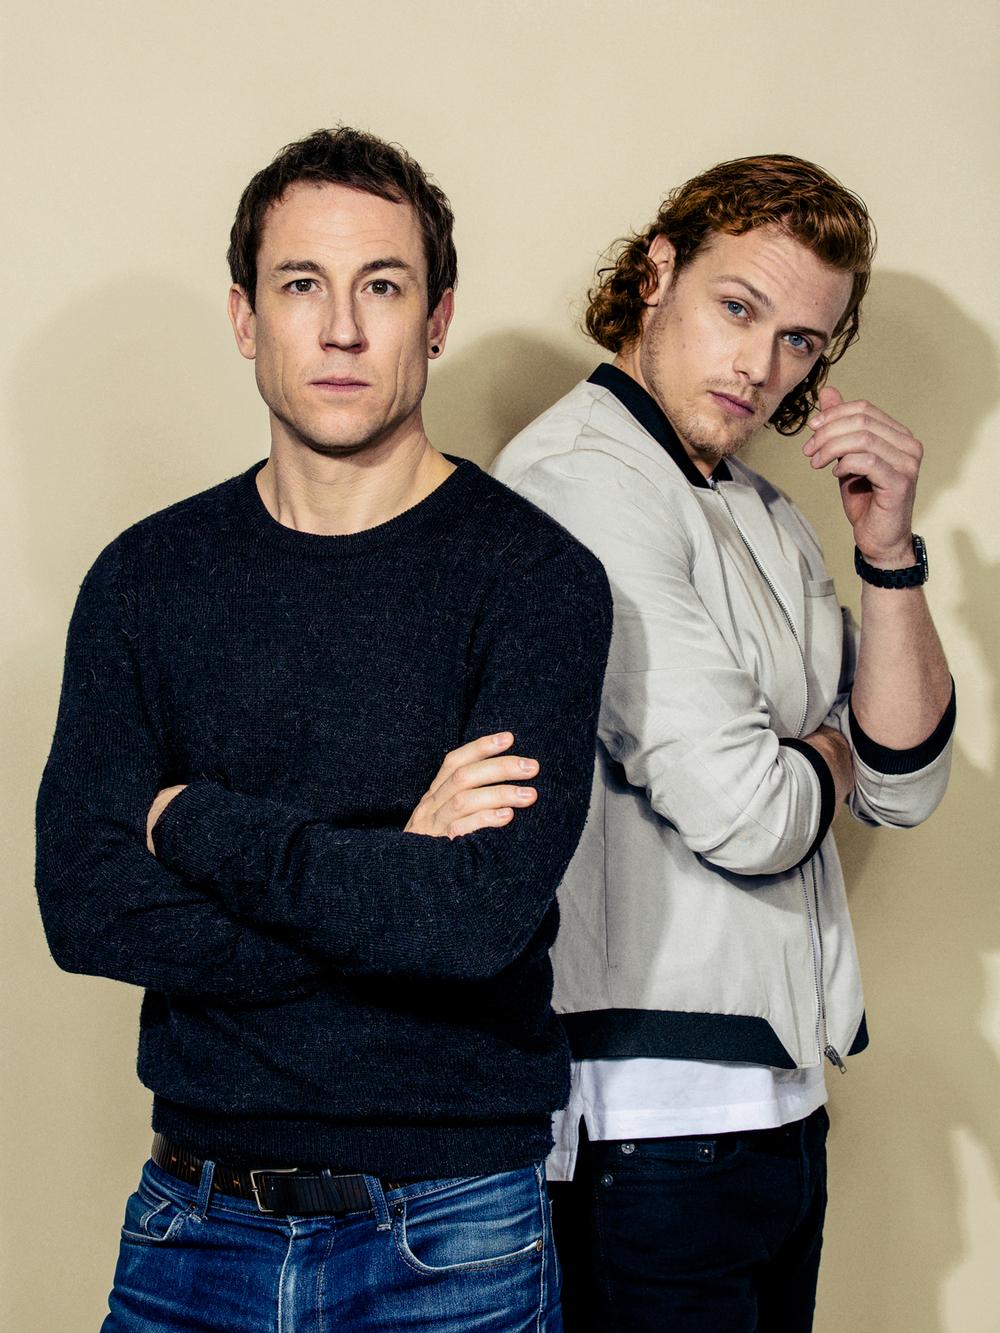 Tobias Menzies and Sam Heughan: Actors